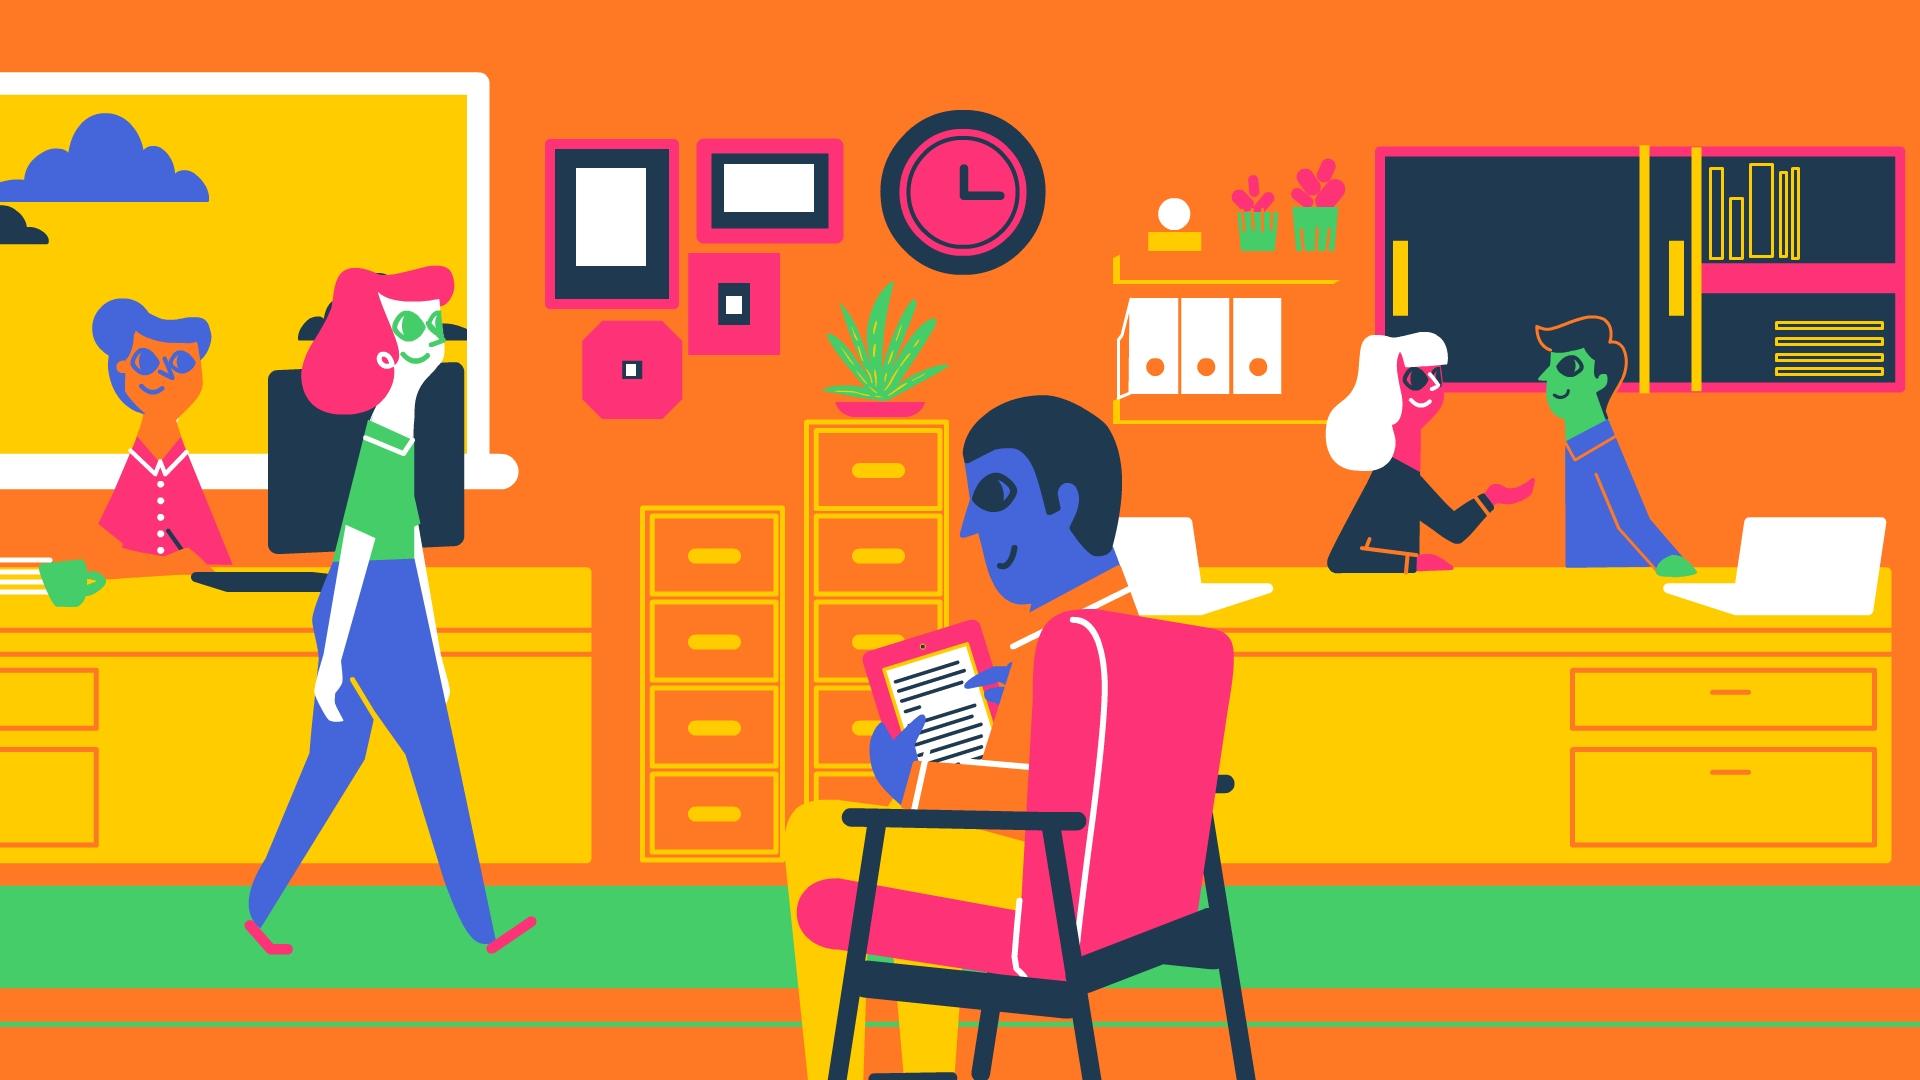 BG_office scene_v005.jpg